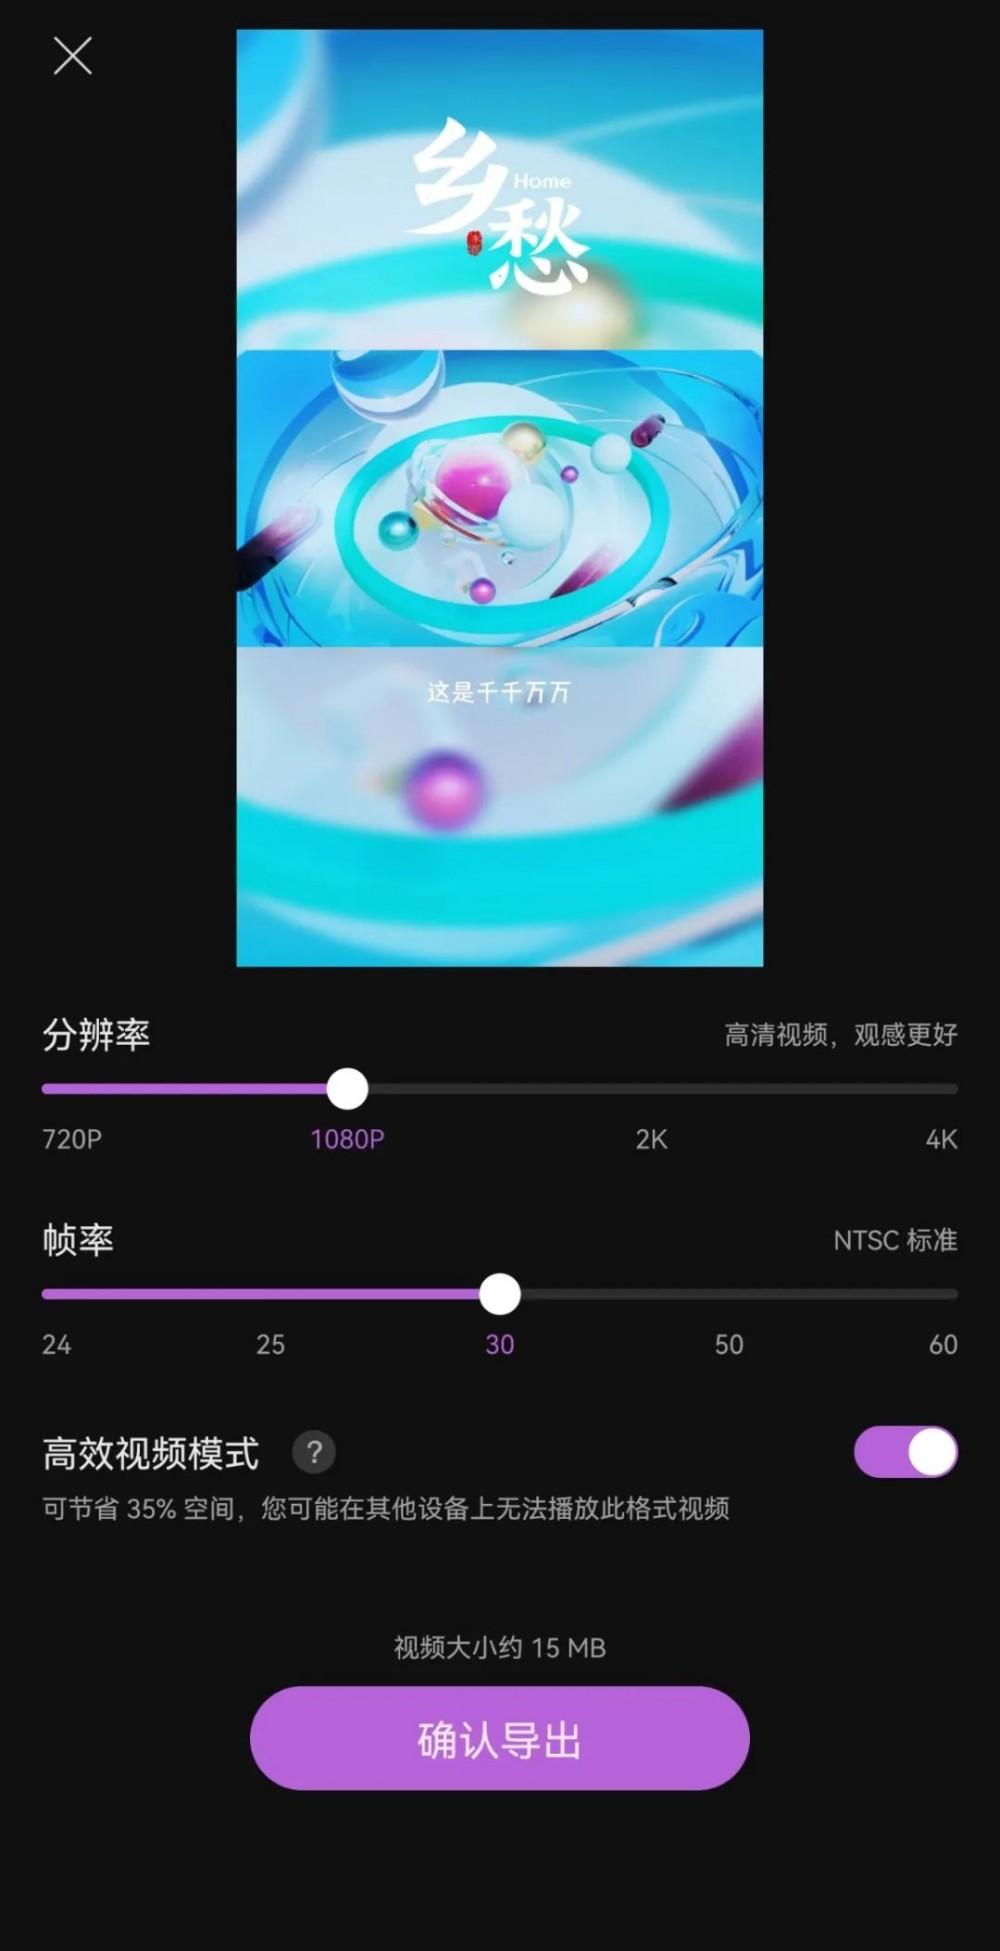 华为推出全新App,无广告免费,堪比抖音剪映!插图(3)